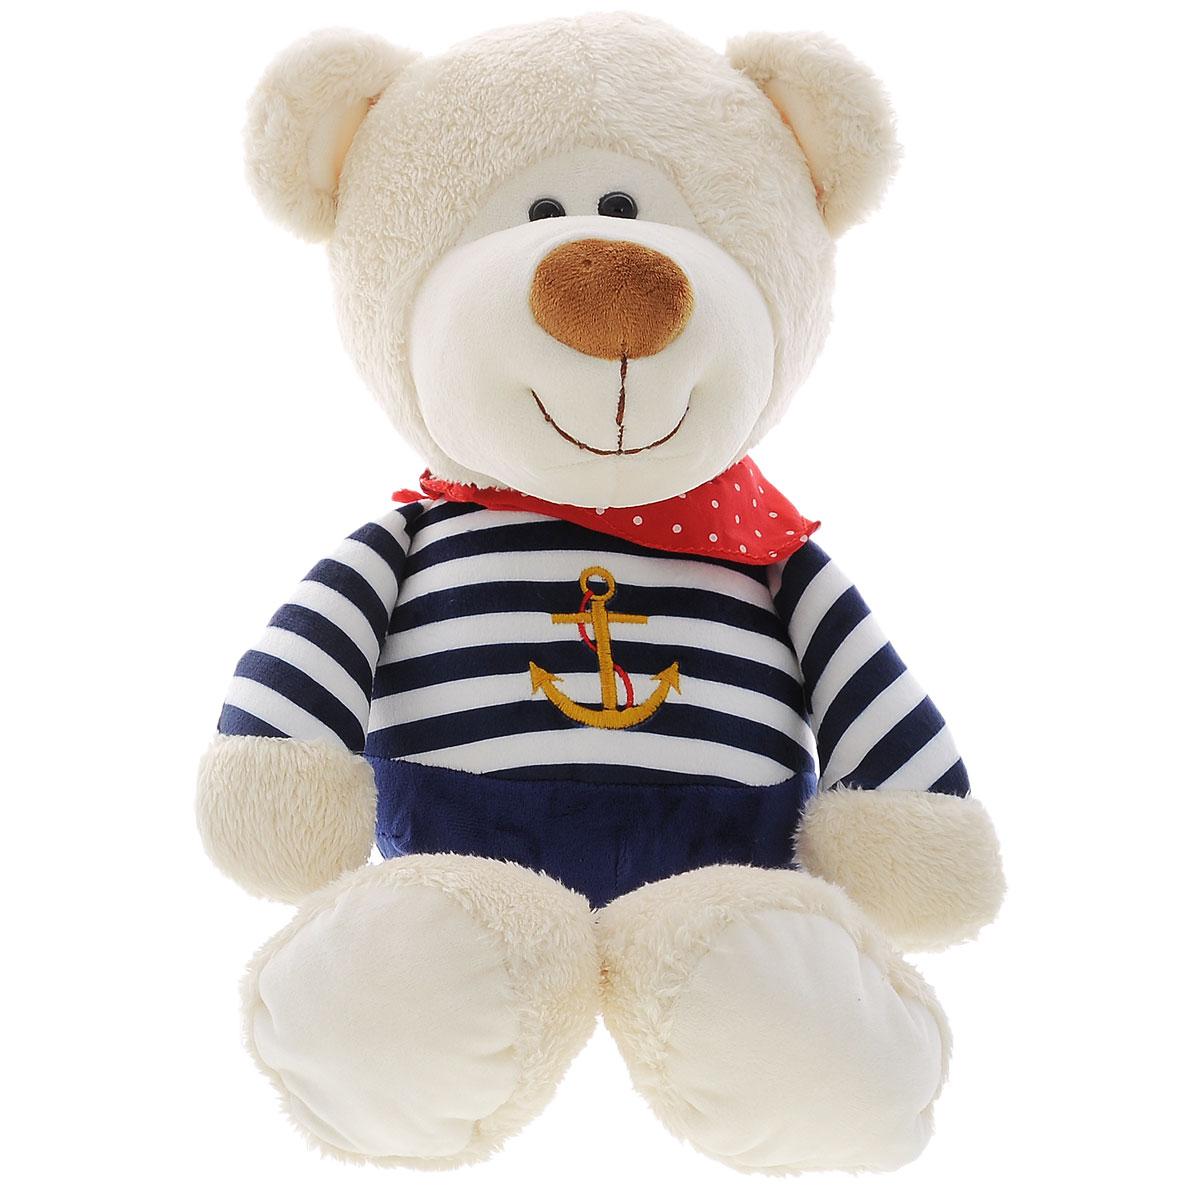 Мягкая игрушка Plush Apple Медведь моряк, 44 смK34124AМягкая игрушка Plush Apple Медведь моряк выполнена в виде трогательного медвежонка. Игрушка изготовлена из высококачественных текстильных материалов. Медвежонок одет в одежду морского стиля с изображением якоря, а на шее повязана красная косынка. Глазки выполнены из пластика. С такой забавной игрушкой можно смело засыпать в кроватке или отправляться на прогулку. Порадуйте ребенка такой игрушкой.